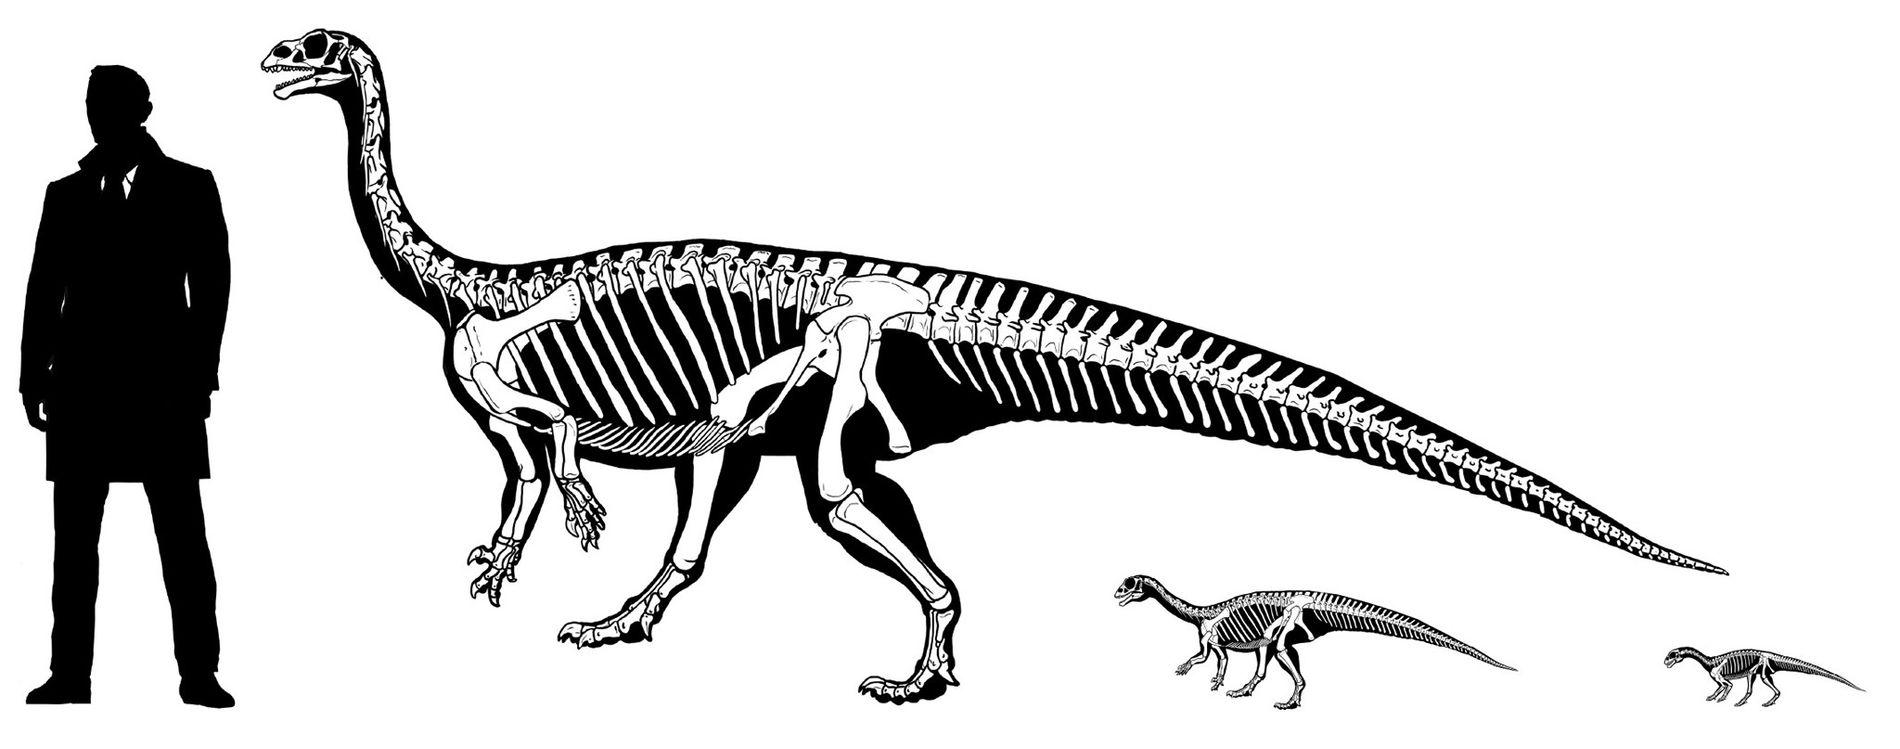 Quando filhote, o dinossauro Mussaurus patagonicusandava sobre quatro apoios. Porém, à medida que crescia, seu centro ...